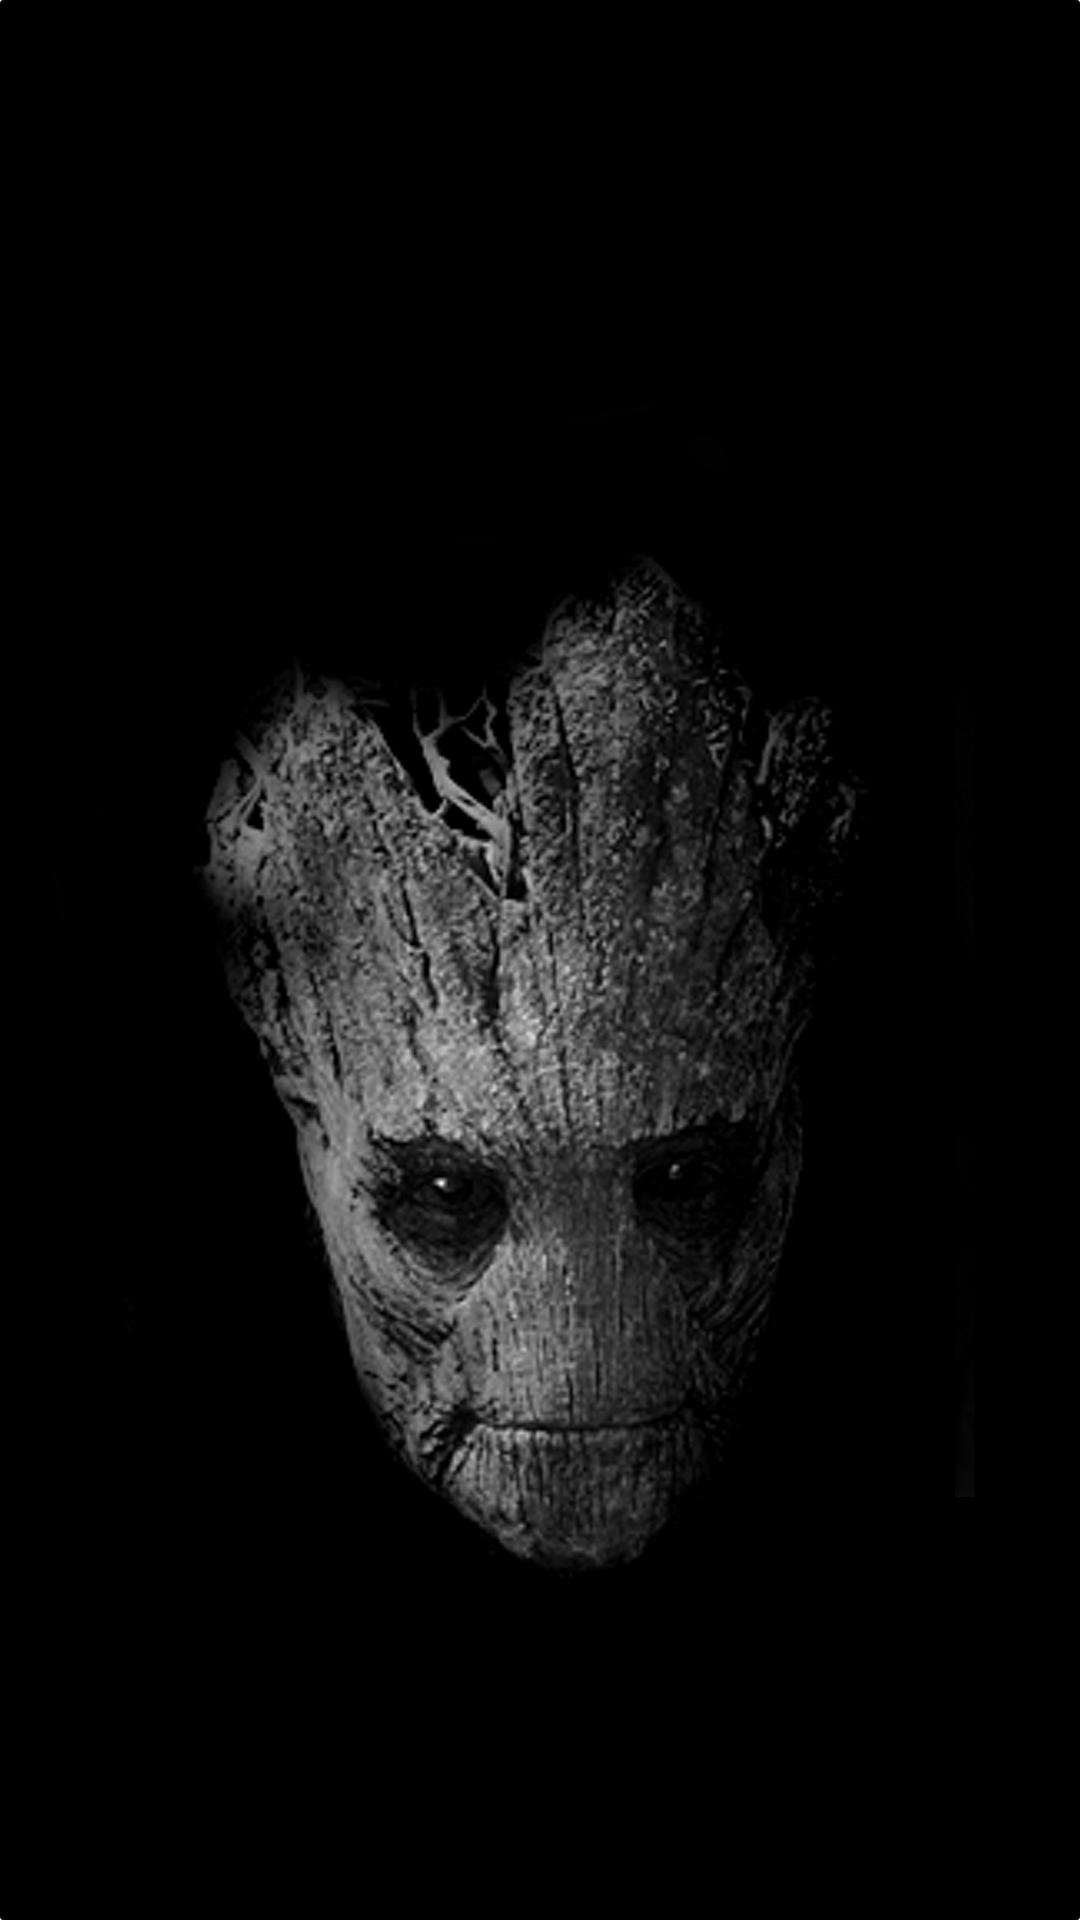 Groot Live Wallpaper - WallpaperSafari